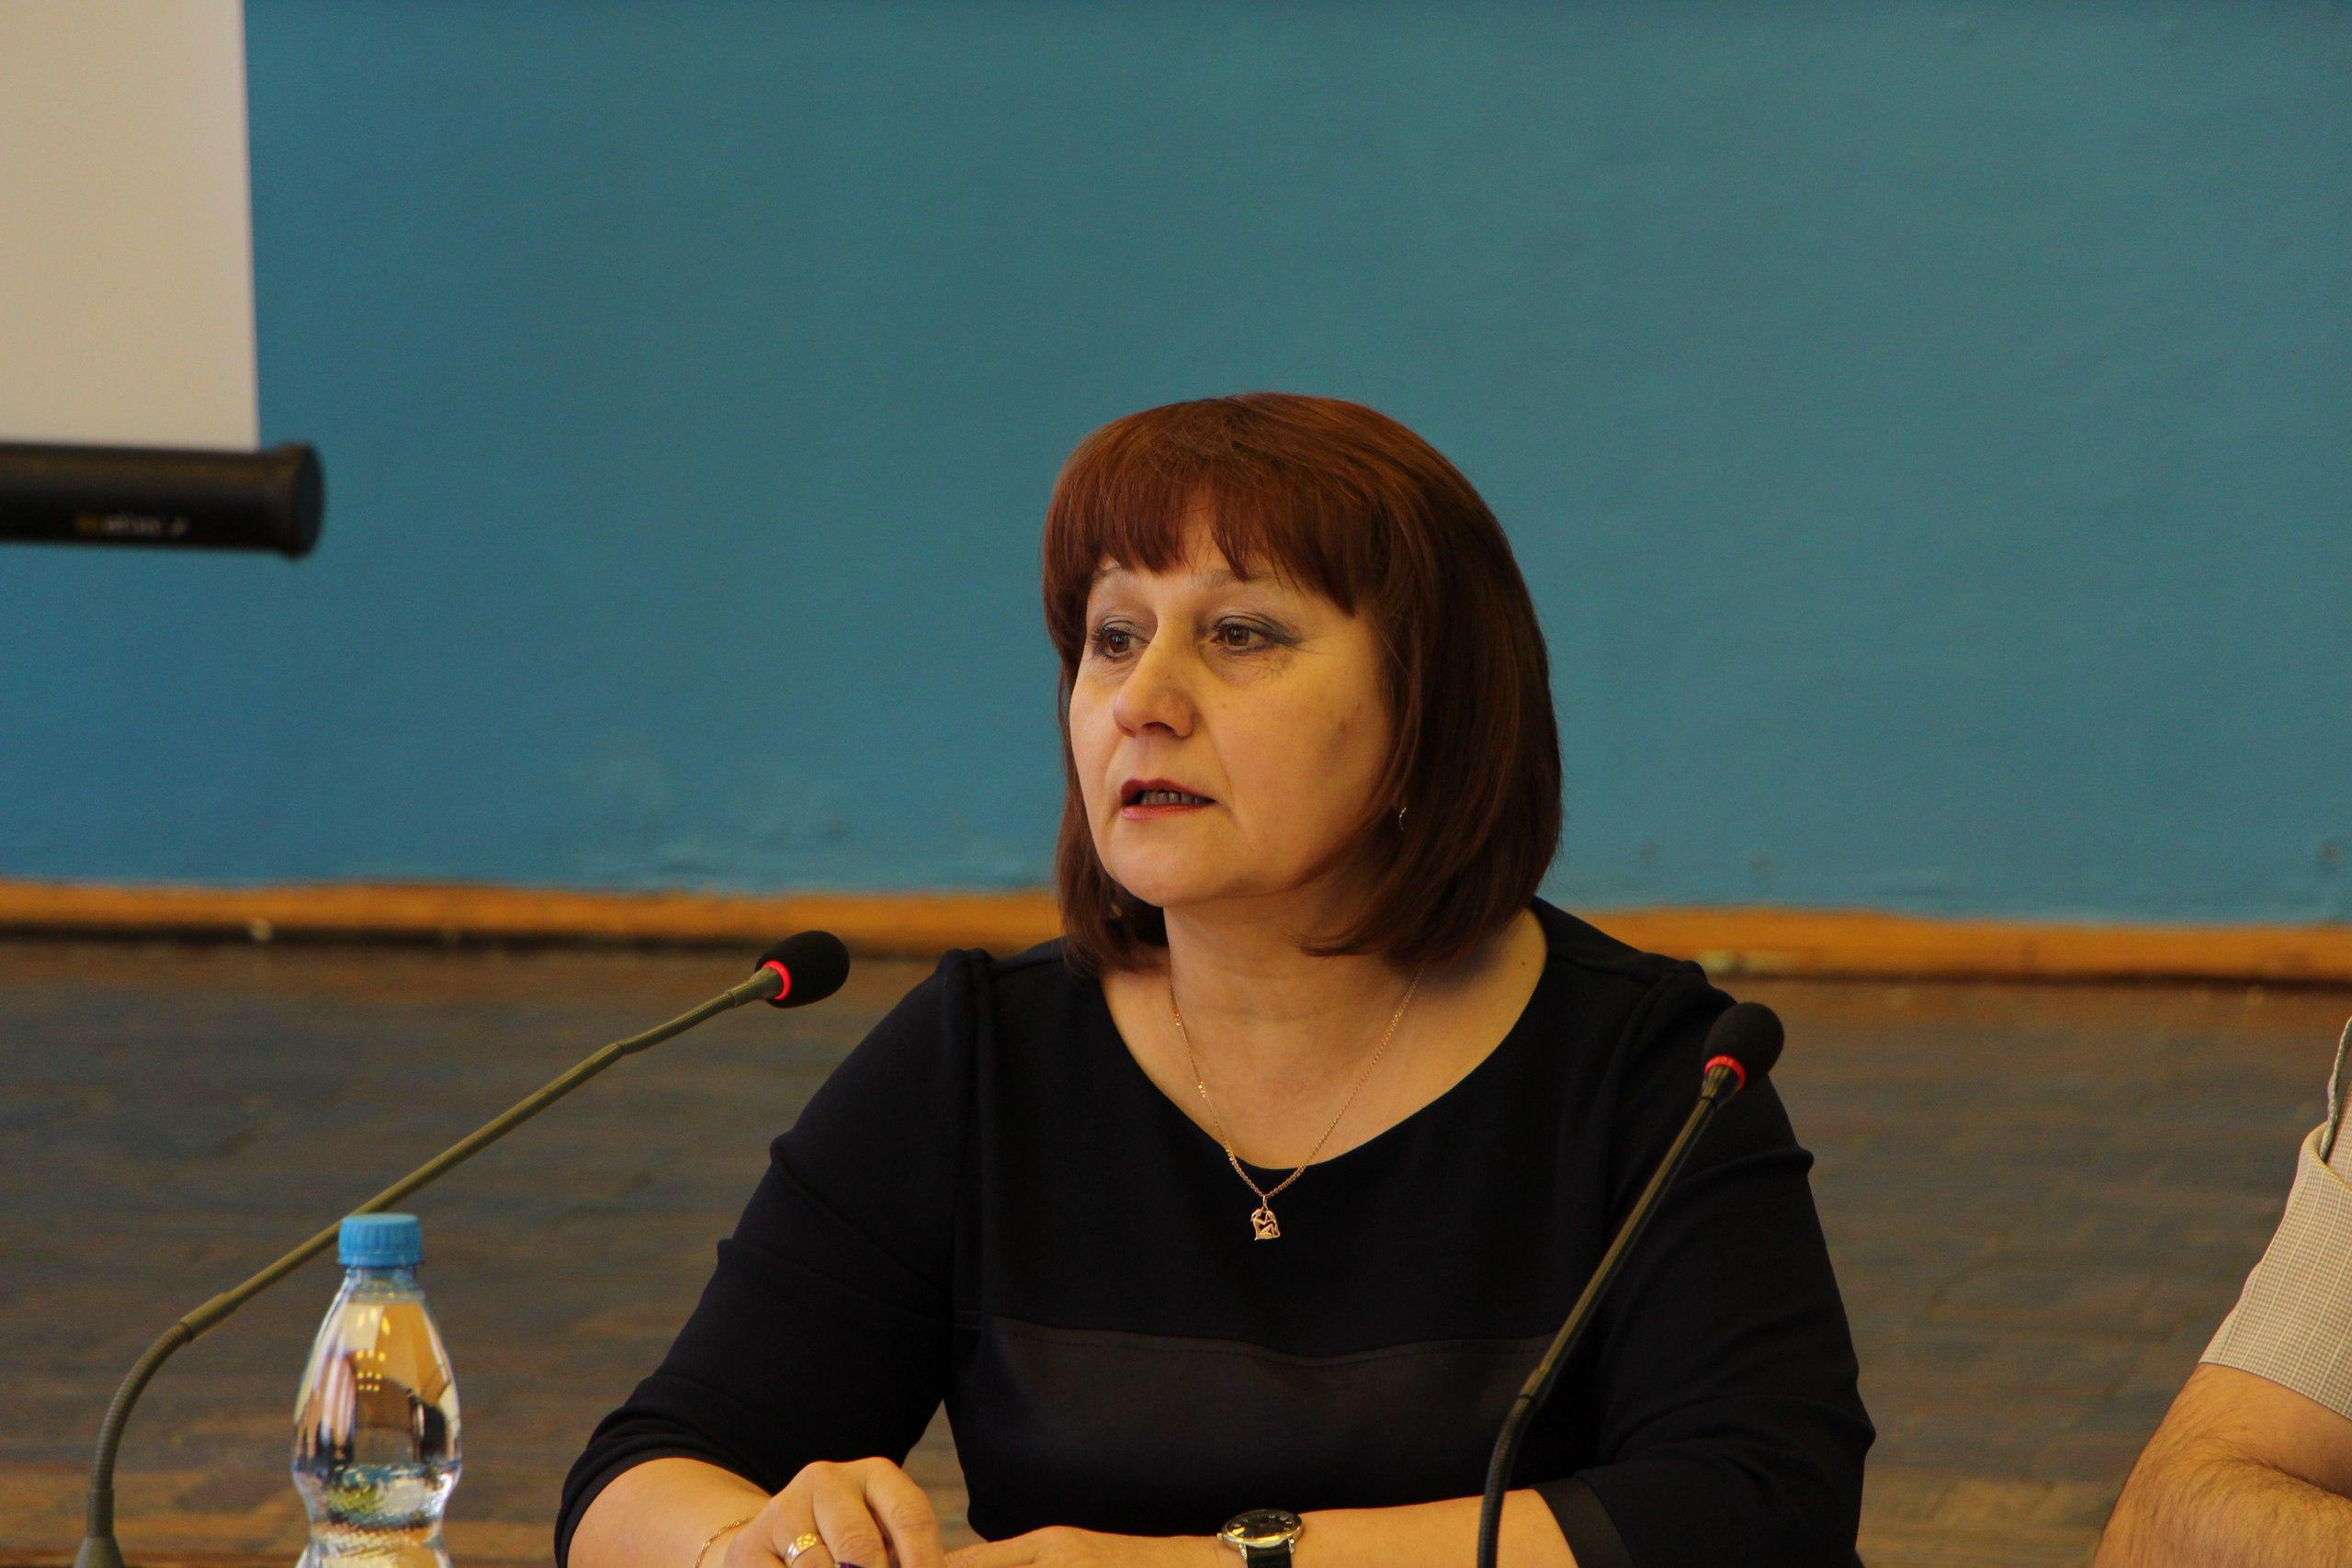 Депутаты Удоры единогласно проголосовали за принятие отчета руководителя администрации МР за 2016 год, планах на 2017 и среднесрочную перспективу